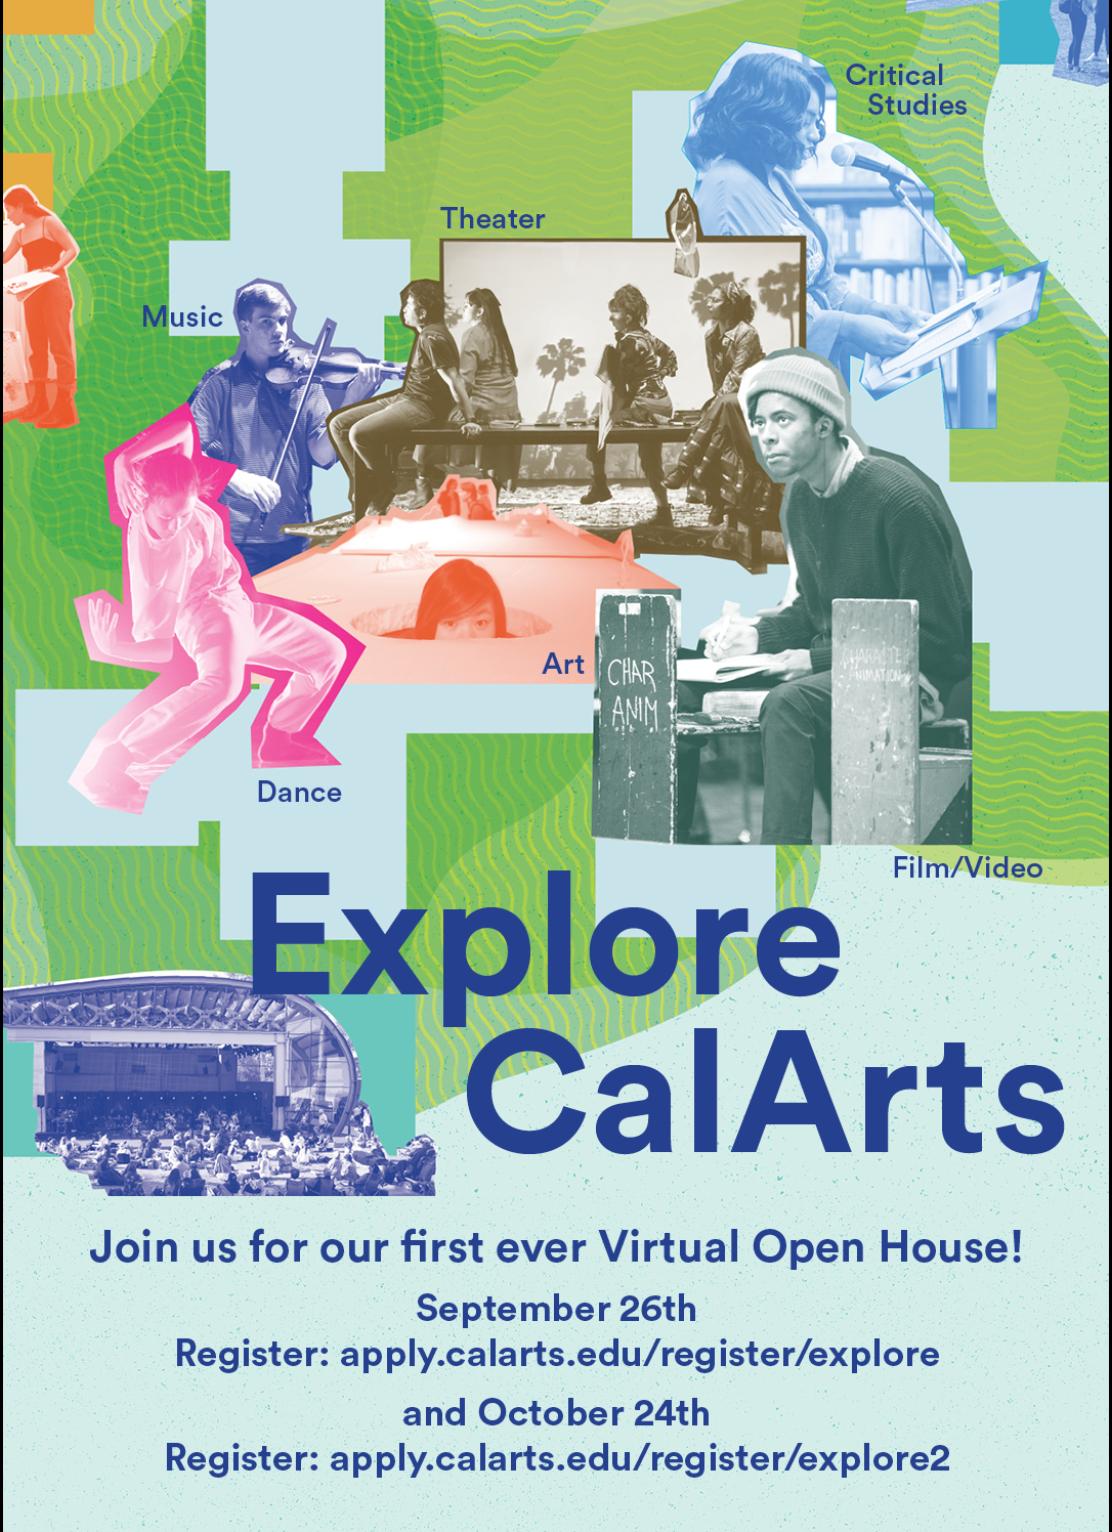 Cal Art Symposium